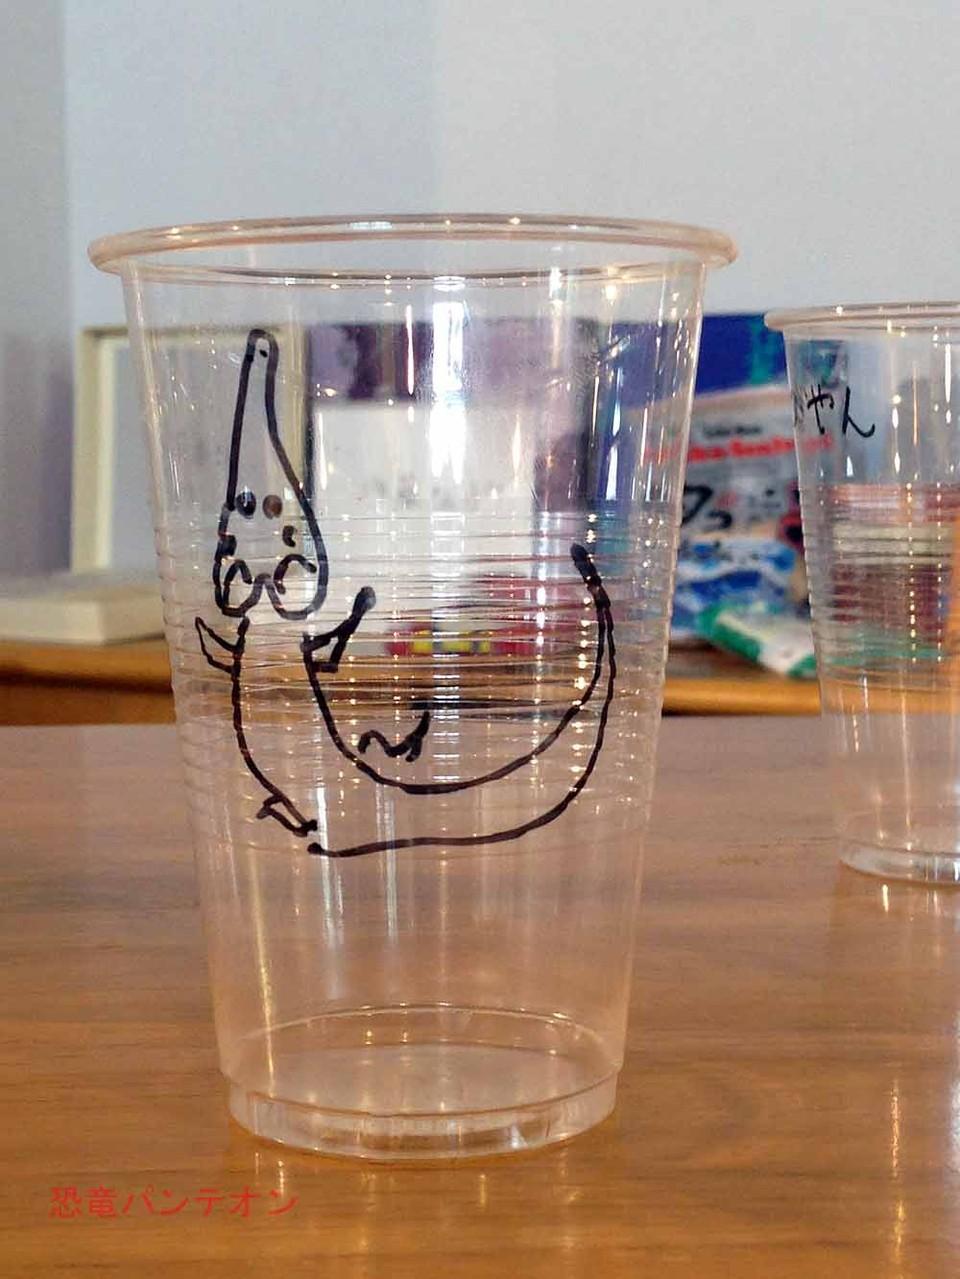 マイカップはコリストデラのイラスト!